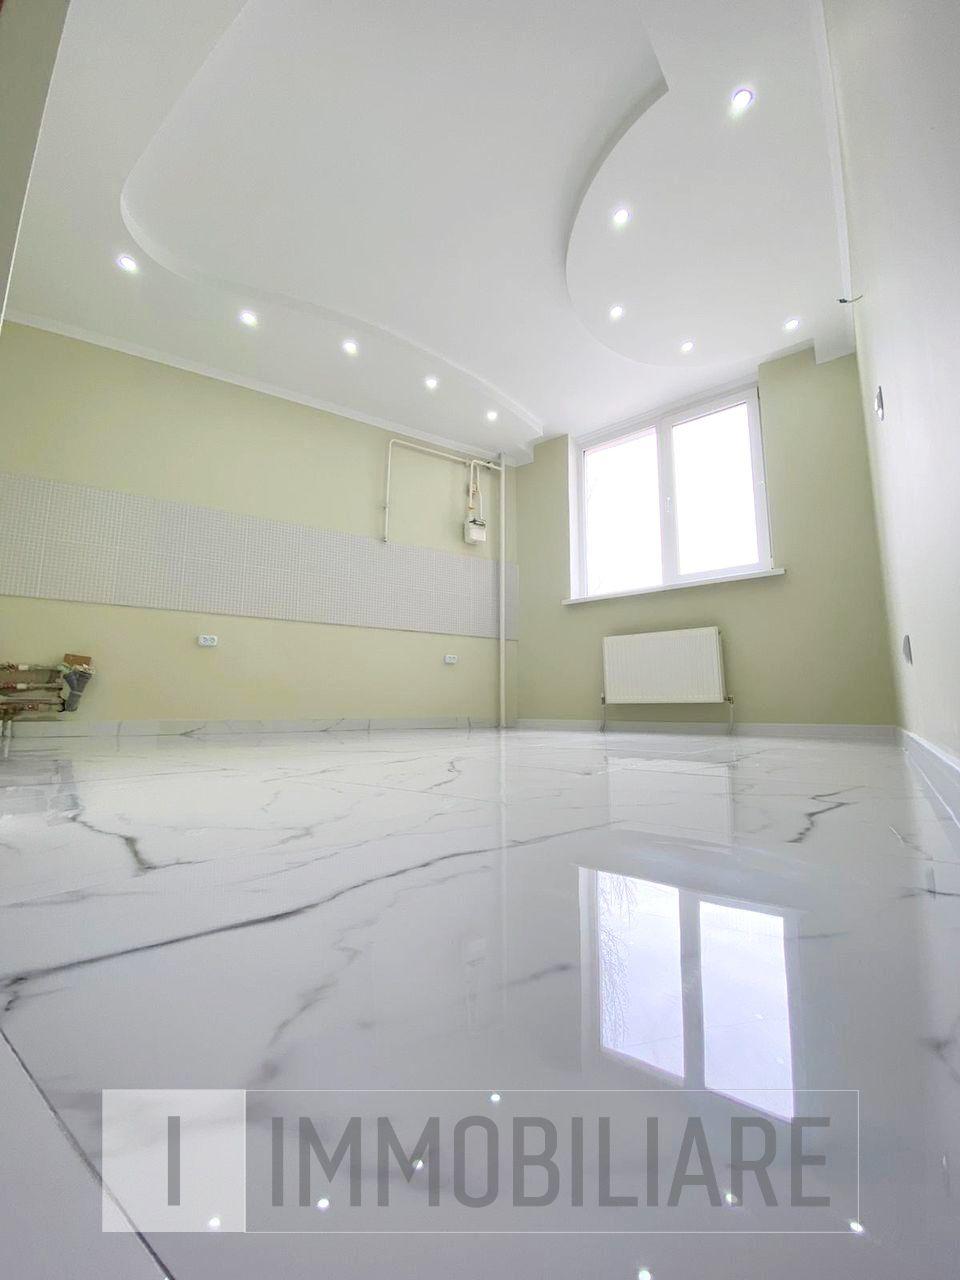 Apartament cu 1 cameră+living, sect. Ciocana, str. Ion Dumeniuc.